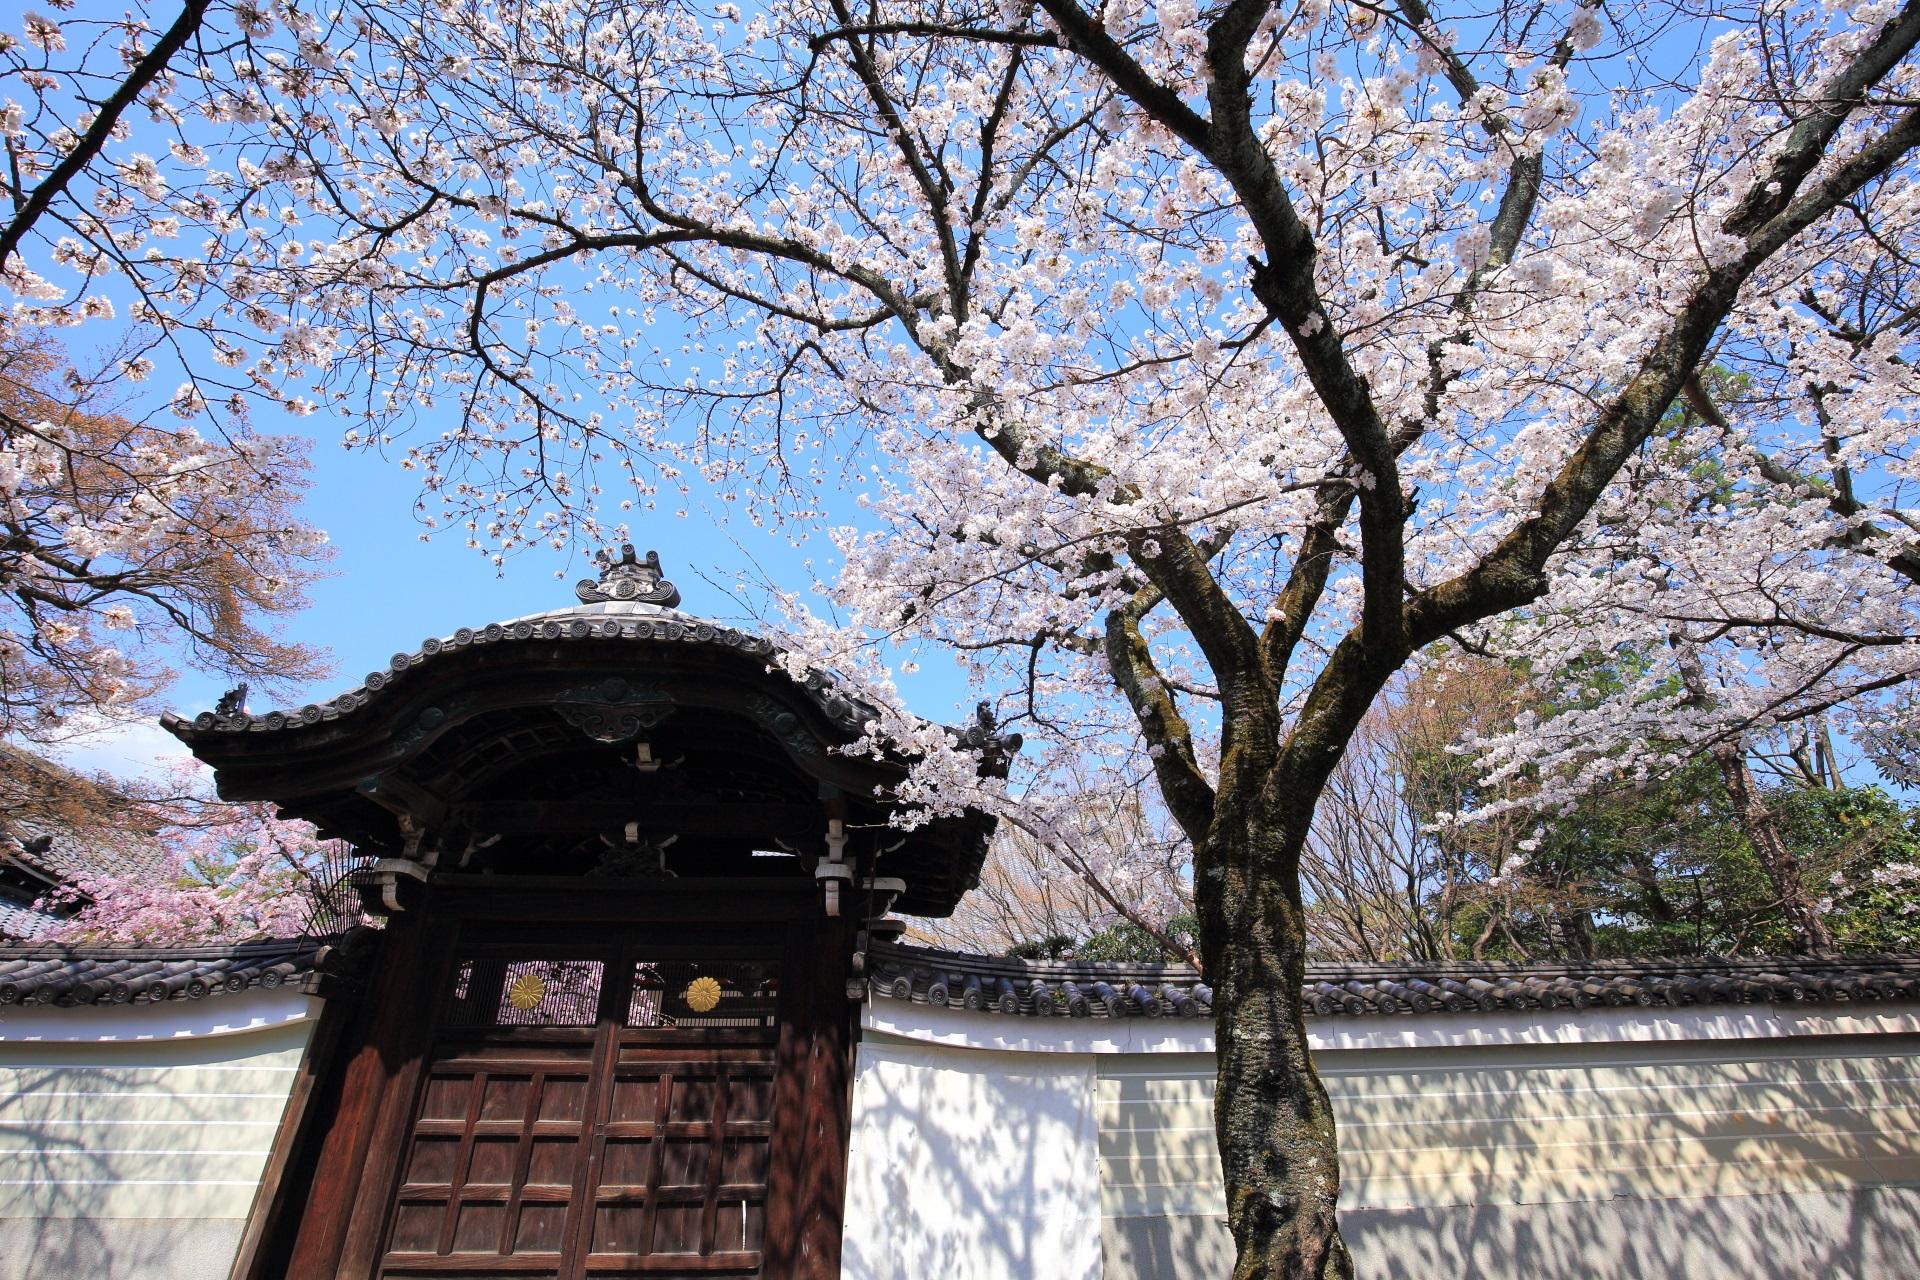 妙顕寺の勅使門前の桜